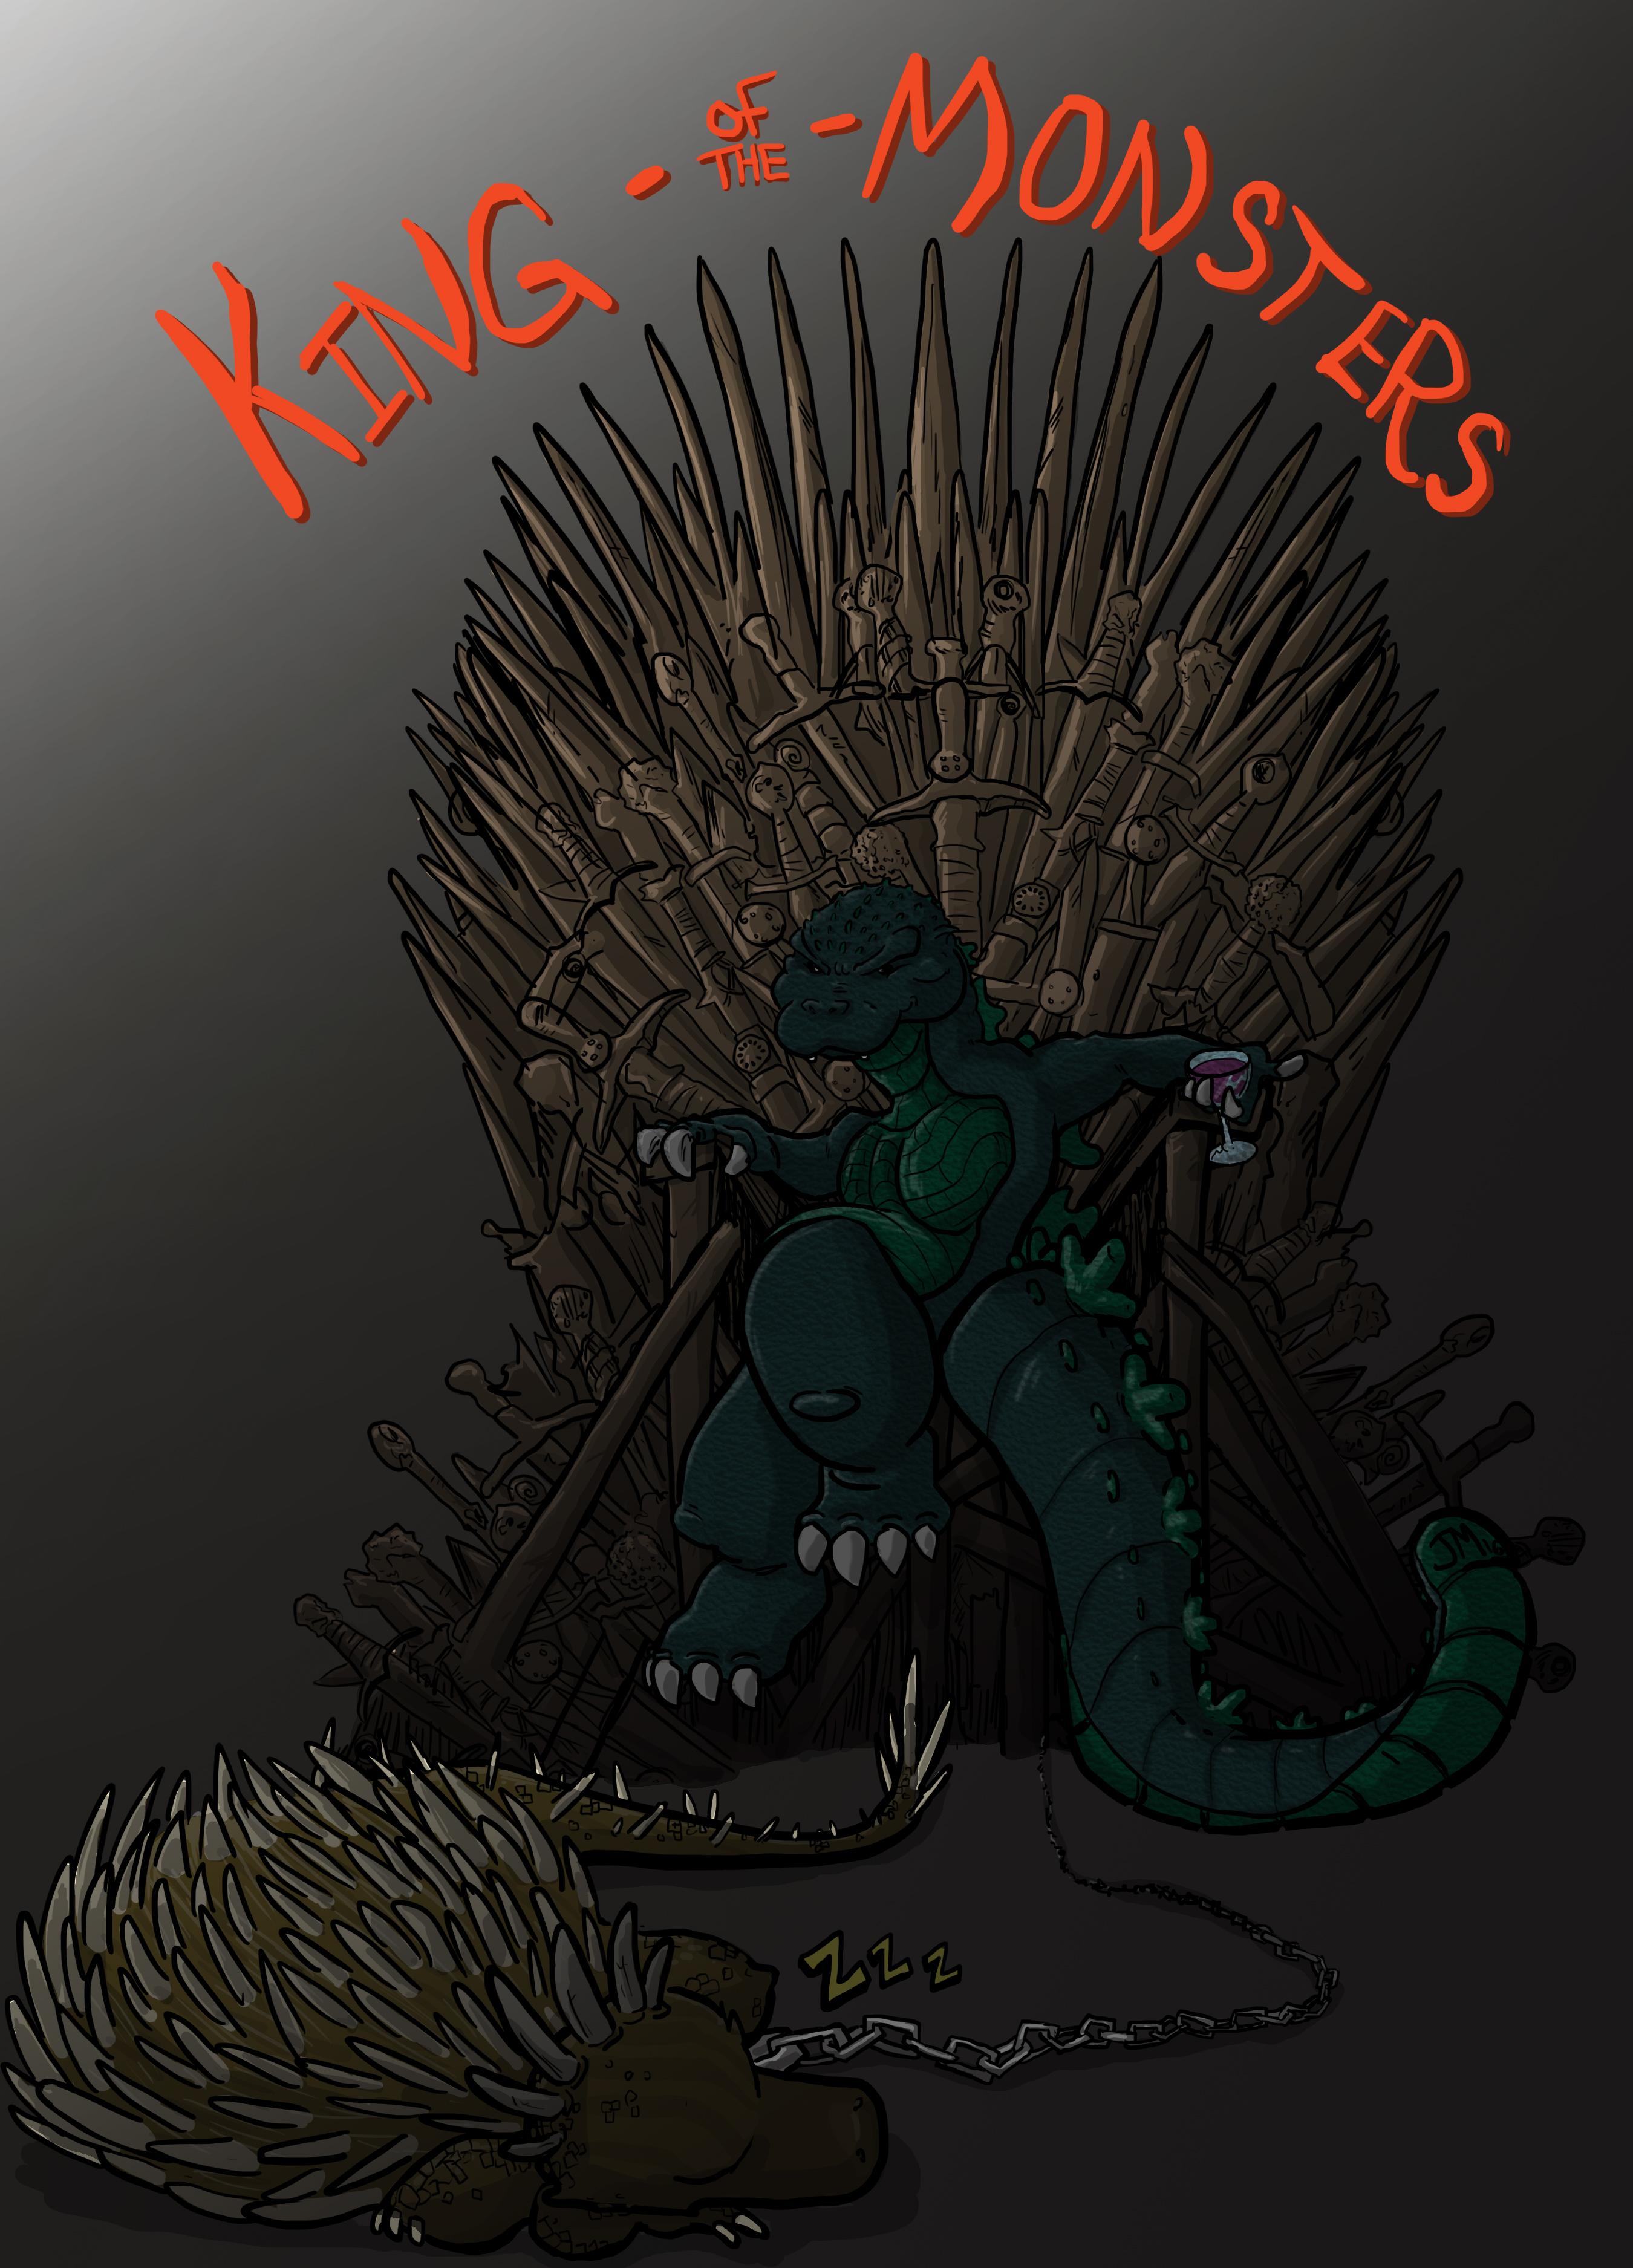 KingOfTheMonsters3